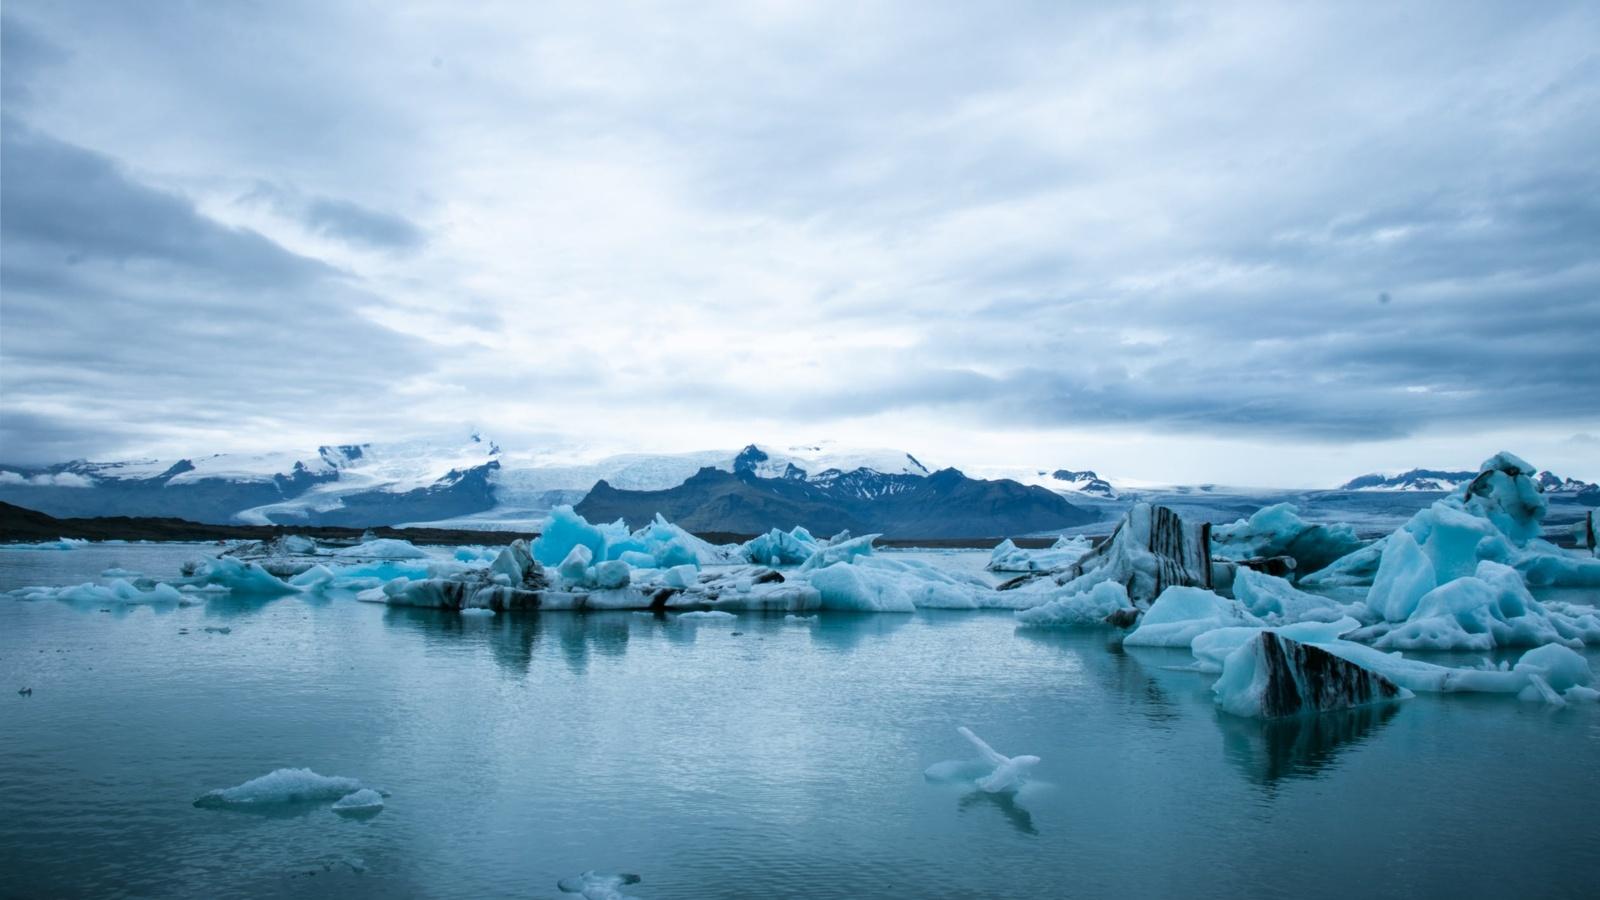 Šimtai žmonių Šveicarijoje surengė laidotuves tirpstančiam ledynui